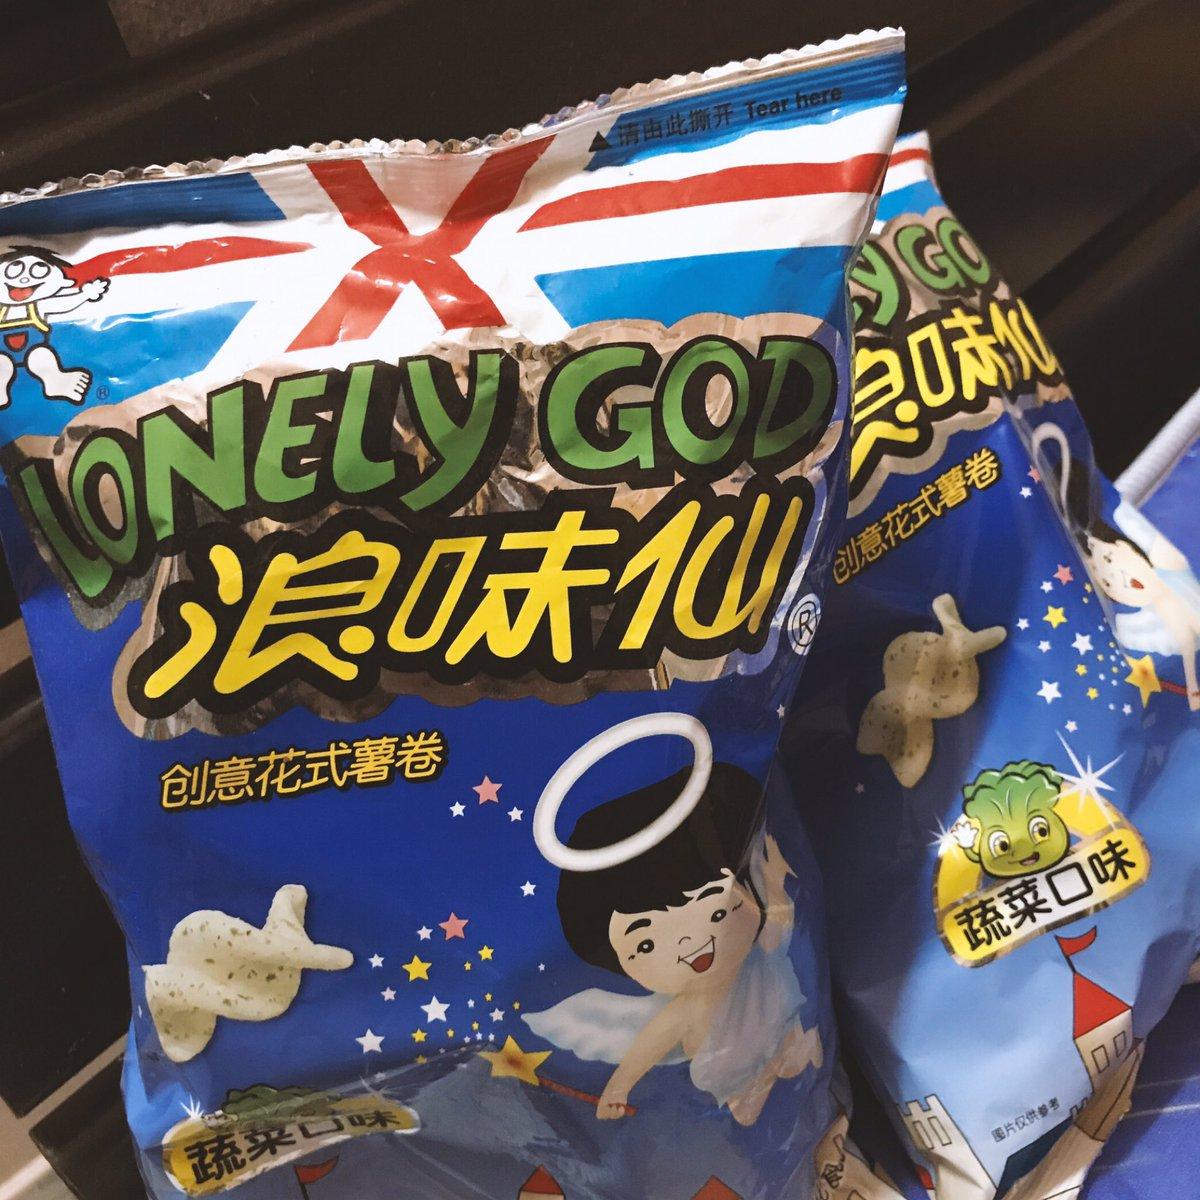 ไหนๆก็ไหนๆแล้ว เรายิ้มจนแก้มจะแตกขอแจกขนมฮุนฮานแล้วกัน เอาไปกินนนนนนนนน แค่รีพอครับบ #HappyLuhanDay #HappySehunDay #HunHanMonth #hunhanpic.twitter.com/TfwjoUWyvg